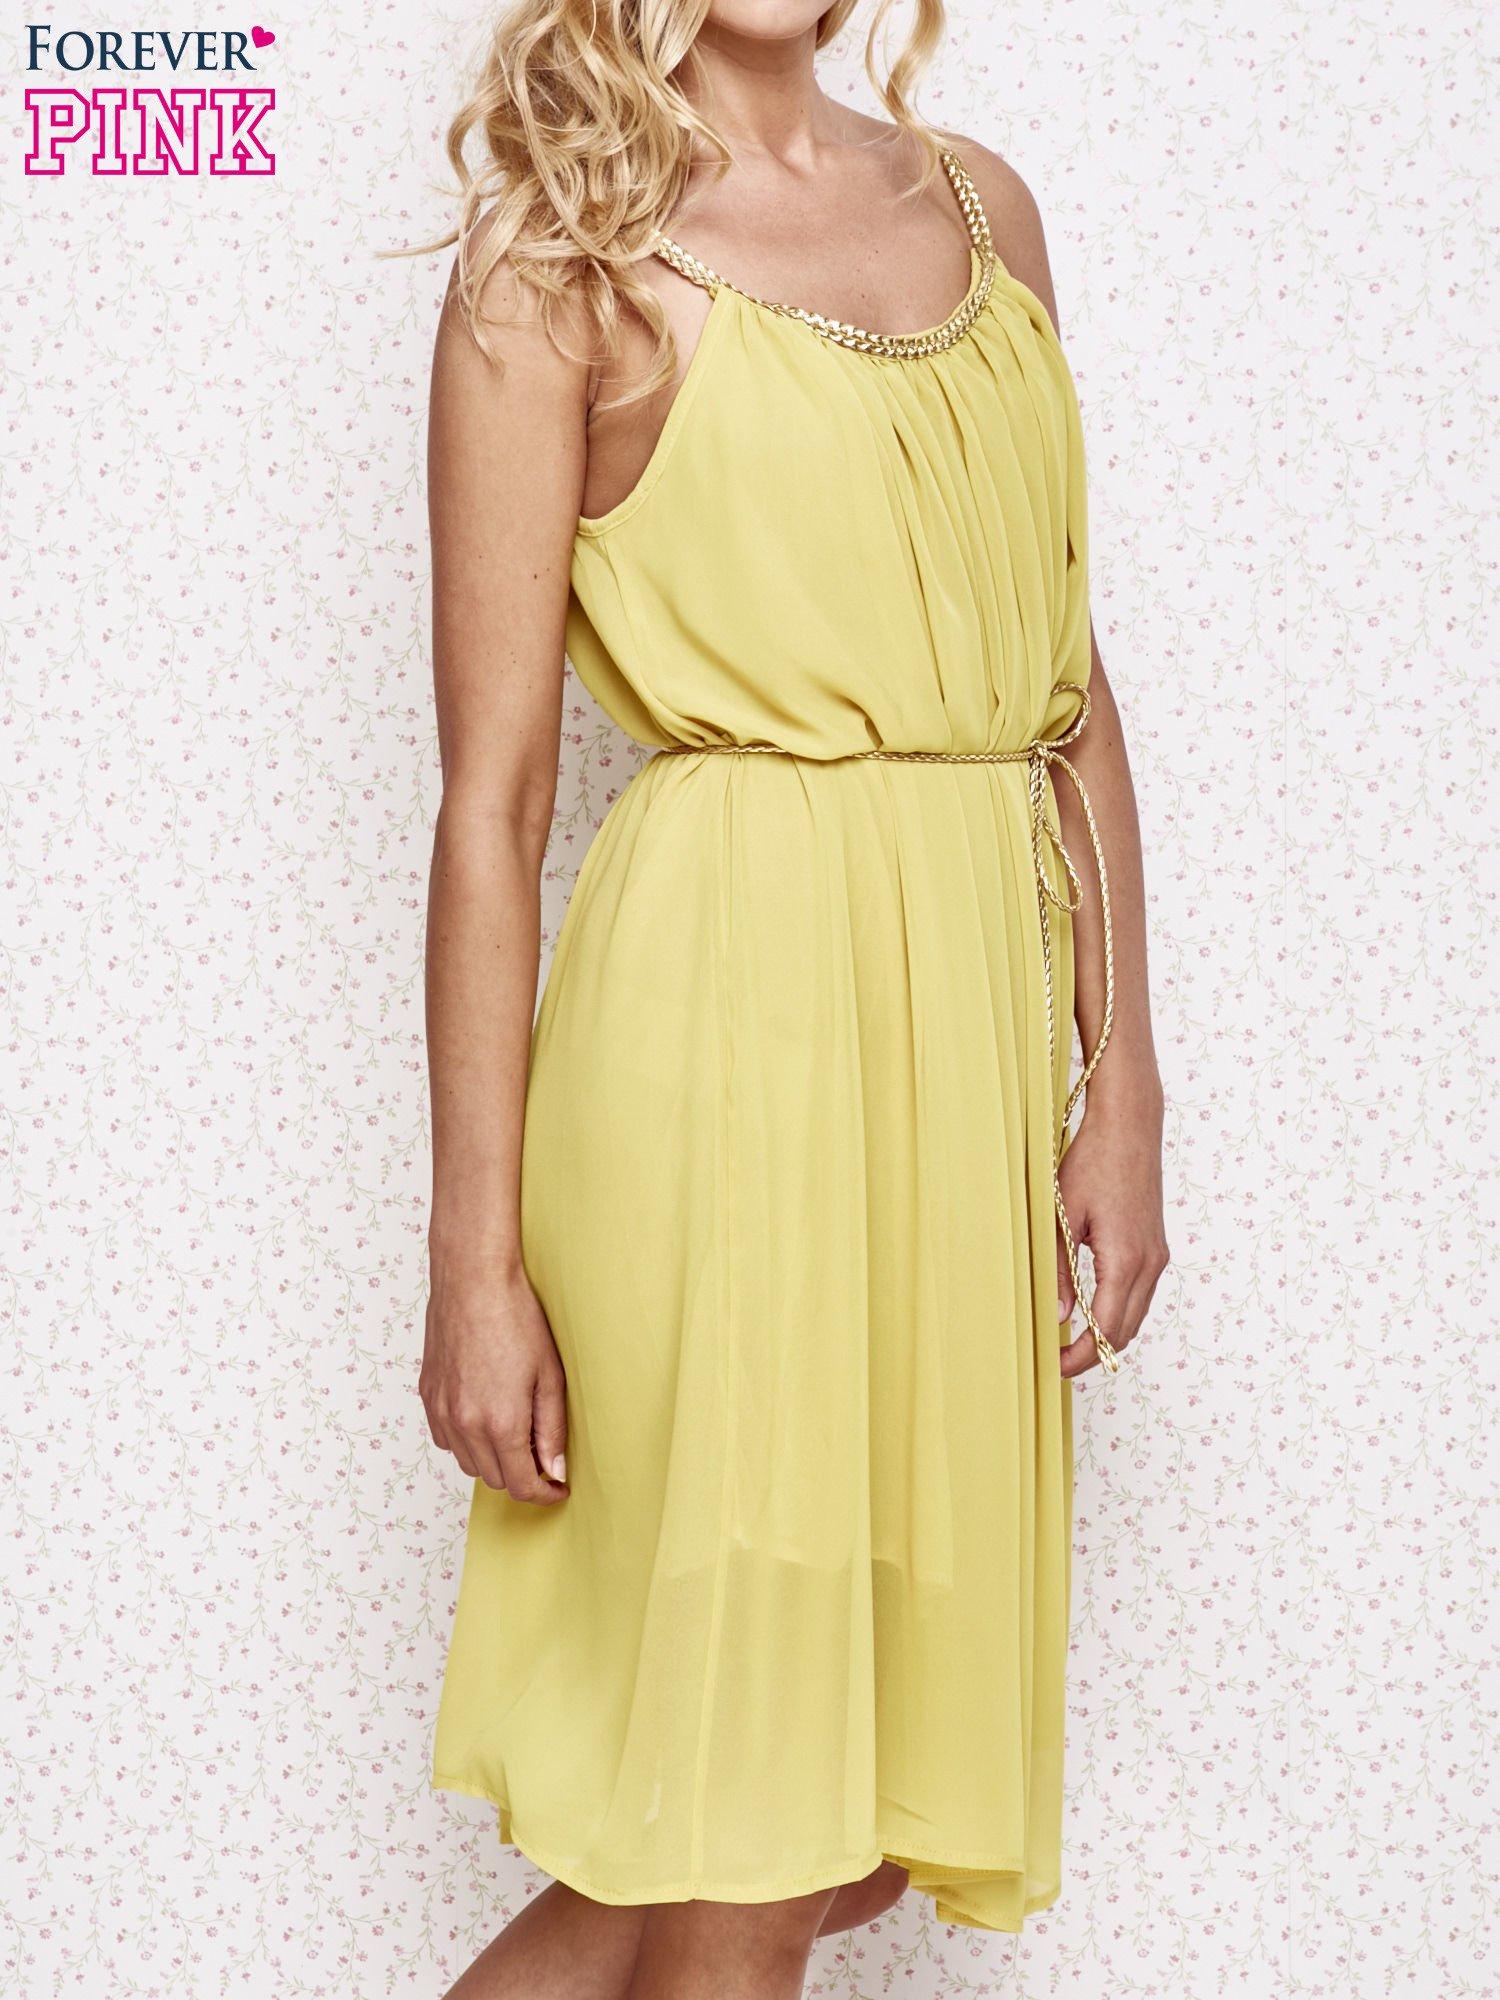 Żółta grecka sukienka ze złotym paskiem                                  zdj.                                  3